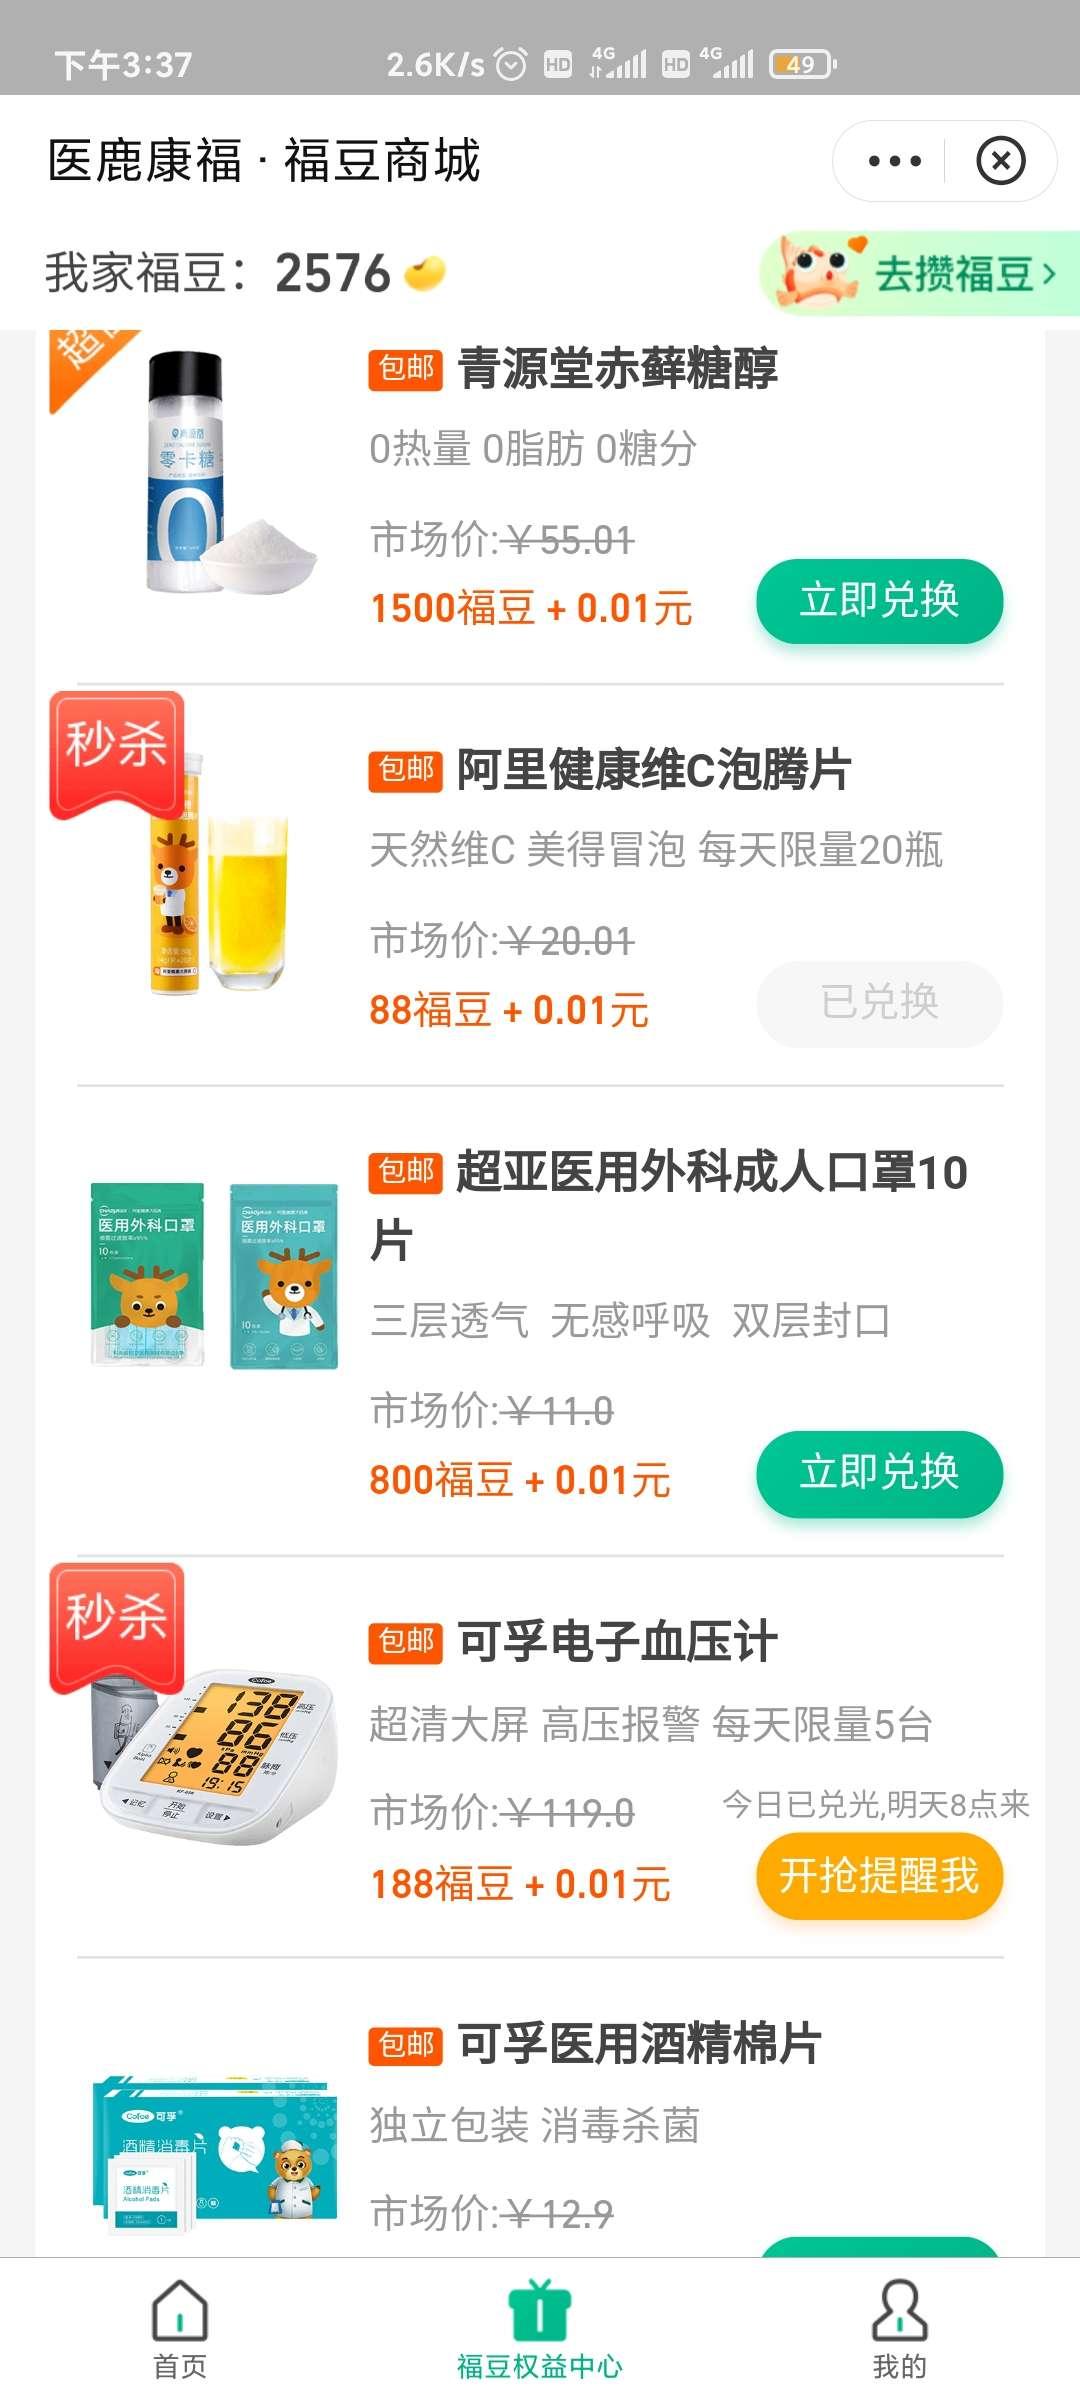 医鹿康福,福豆加0.01兑包邮实物